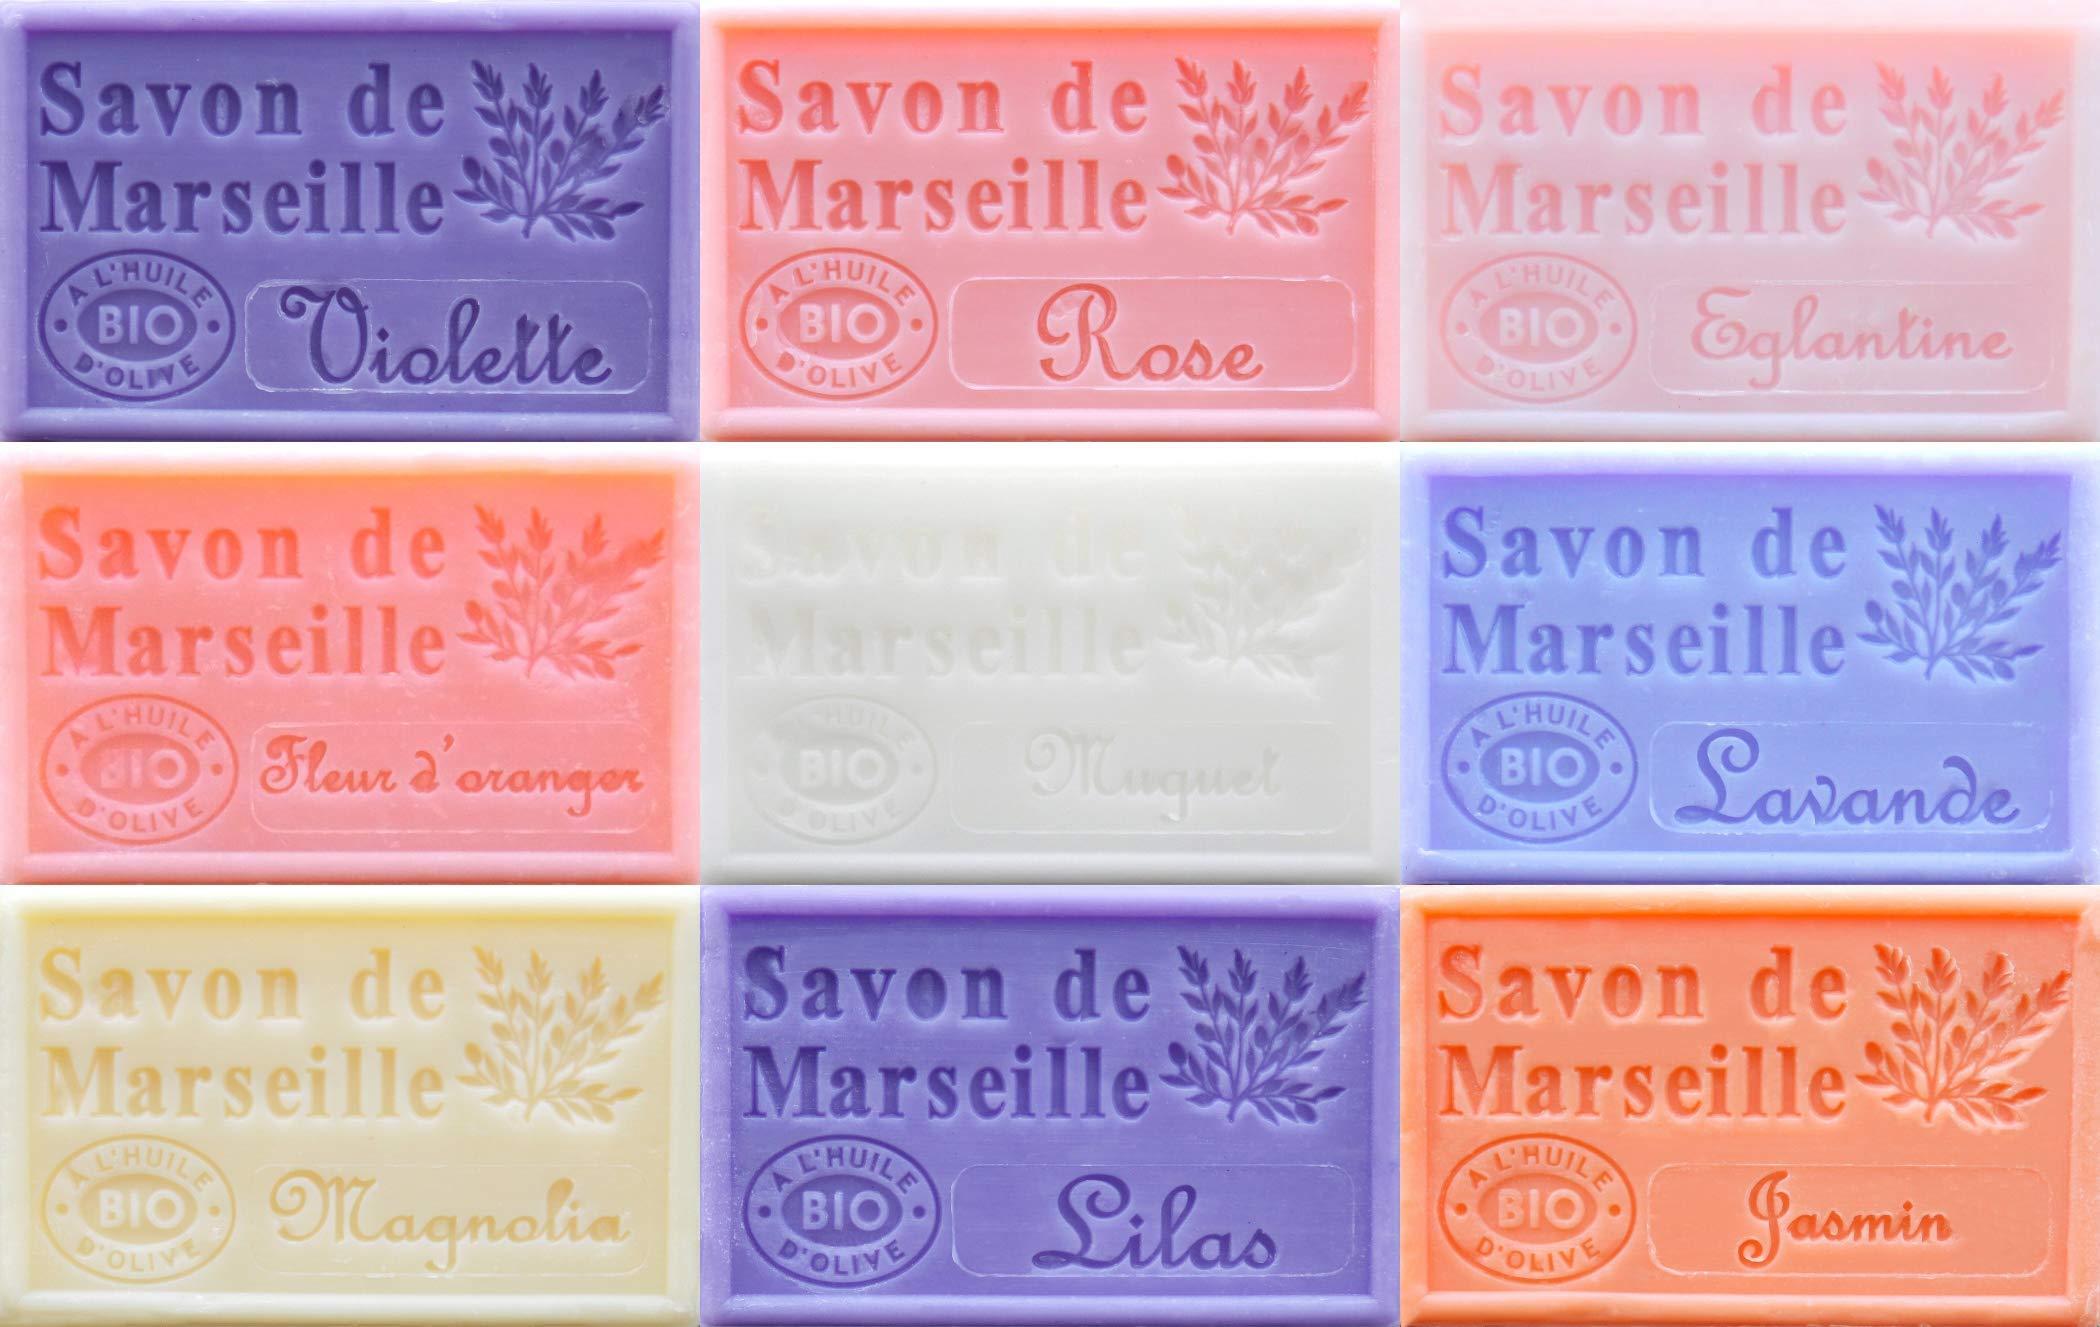 Savon de Marseille French Soaps, Boxed Set of 9 x 125g Soap Bars (Floral Fragrances), Vegetable Soap